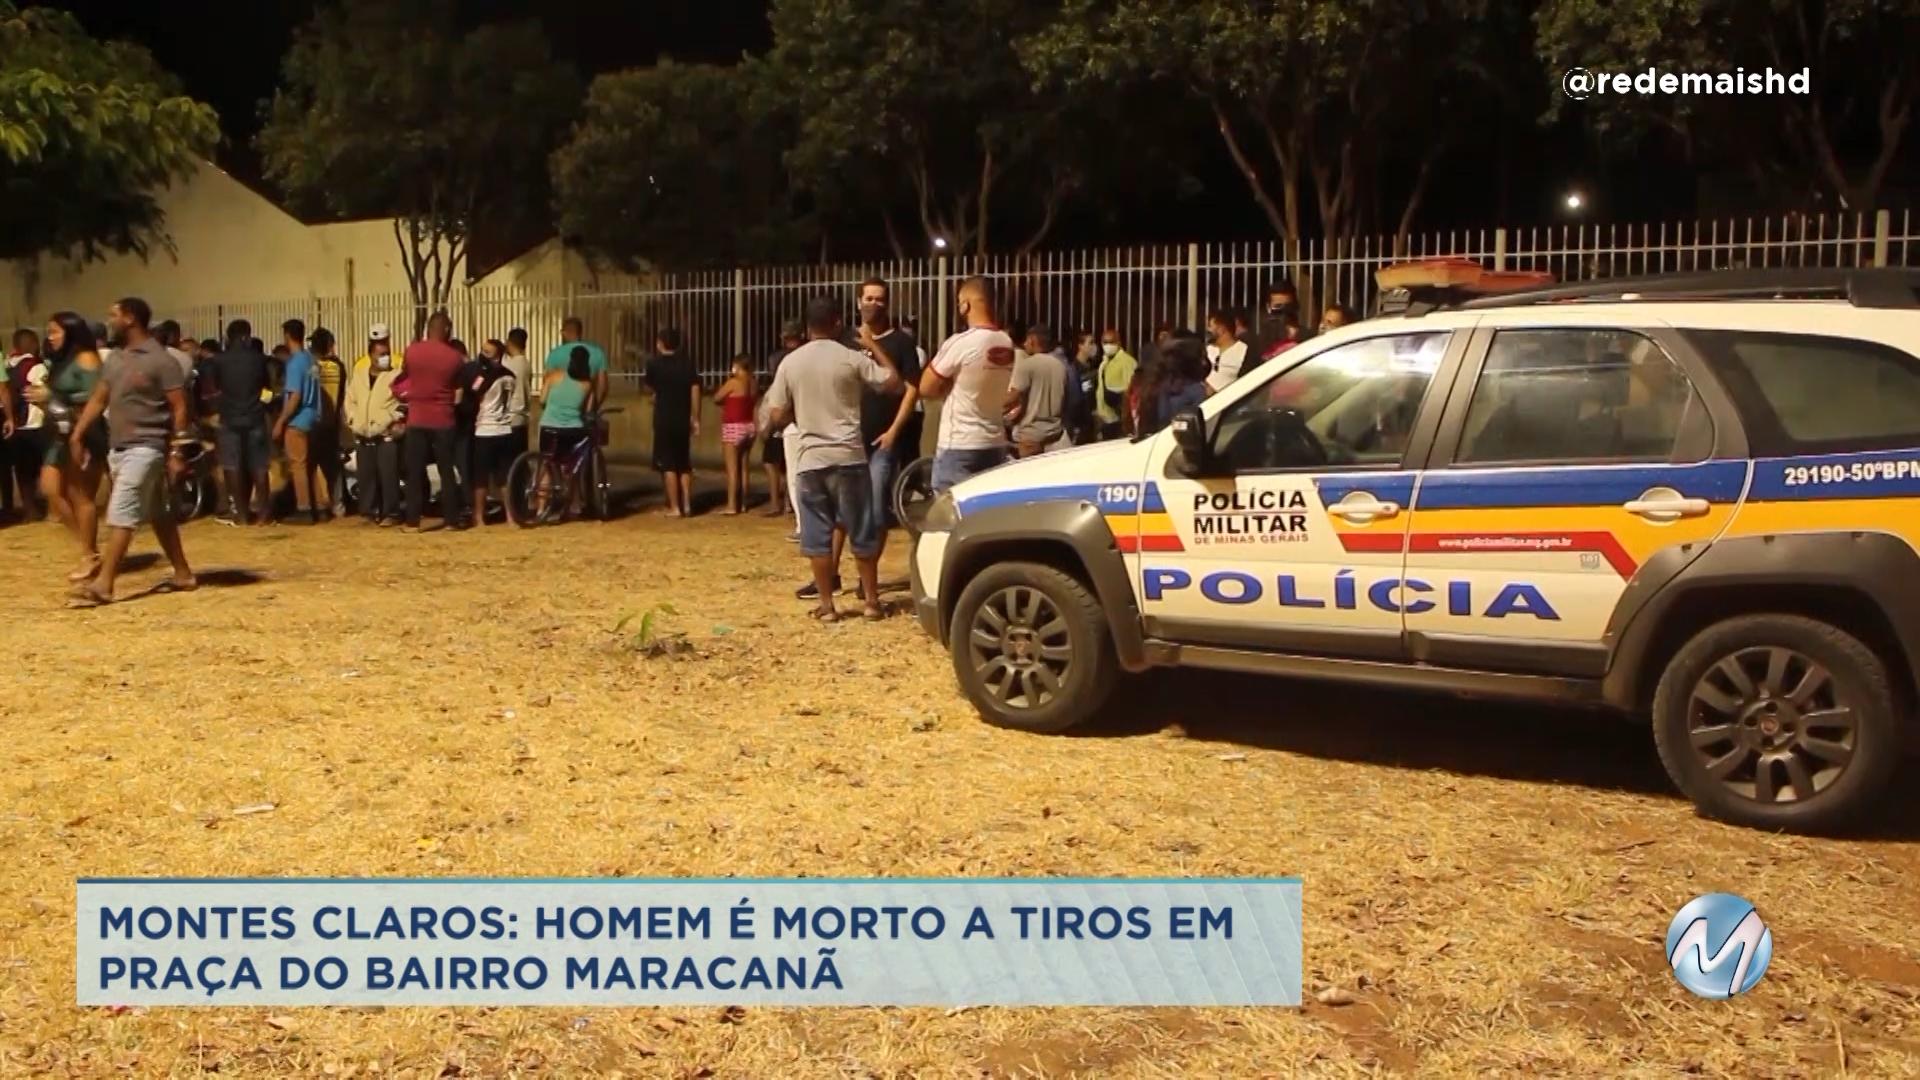 Montes Claros: homem é morto a tiros em praça do bairro Maracanã